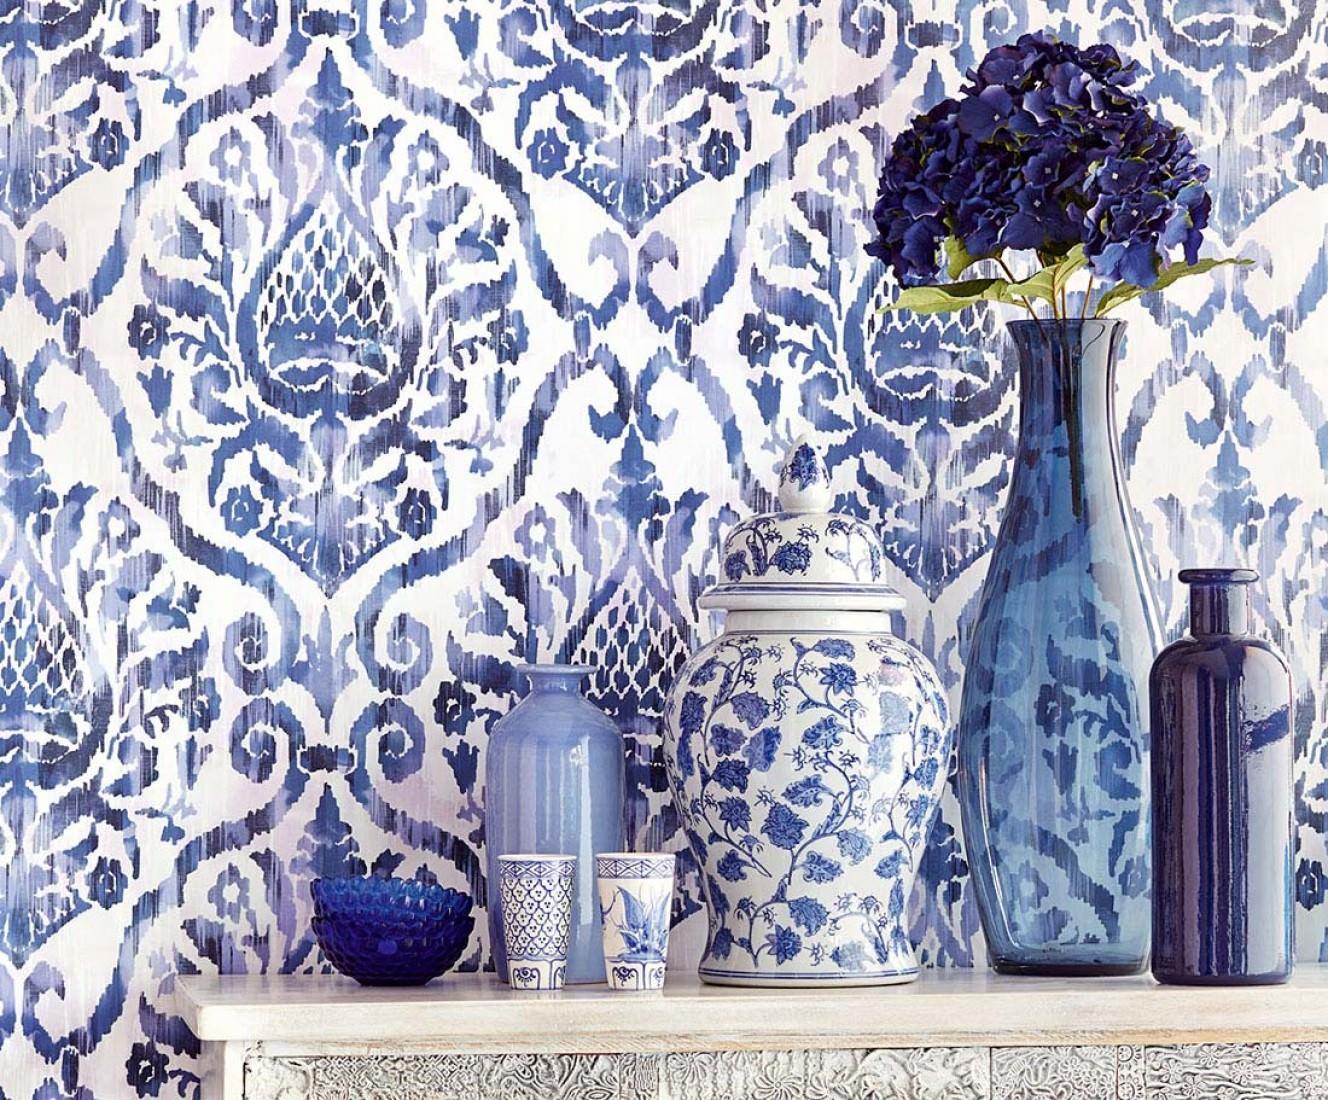 Esiko bianco crema viola pastello blu zaffiro blu nero for Carta parati blu